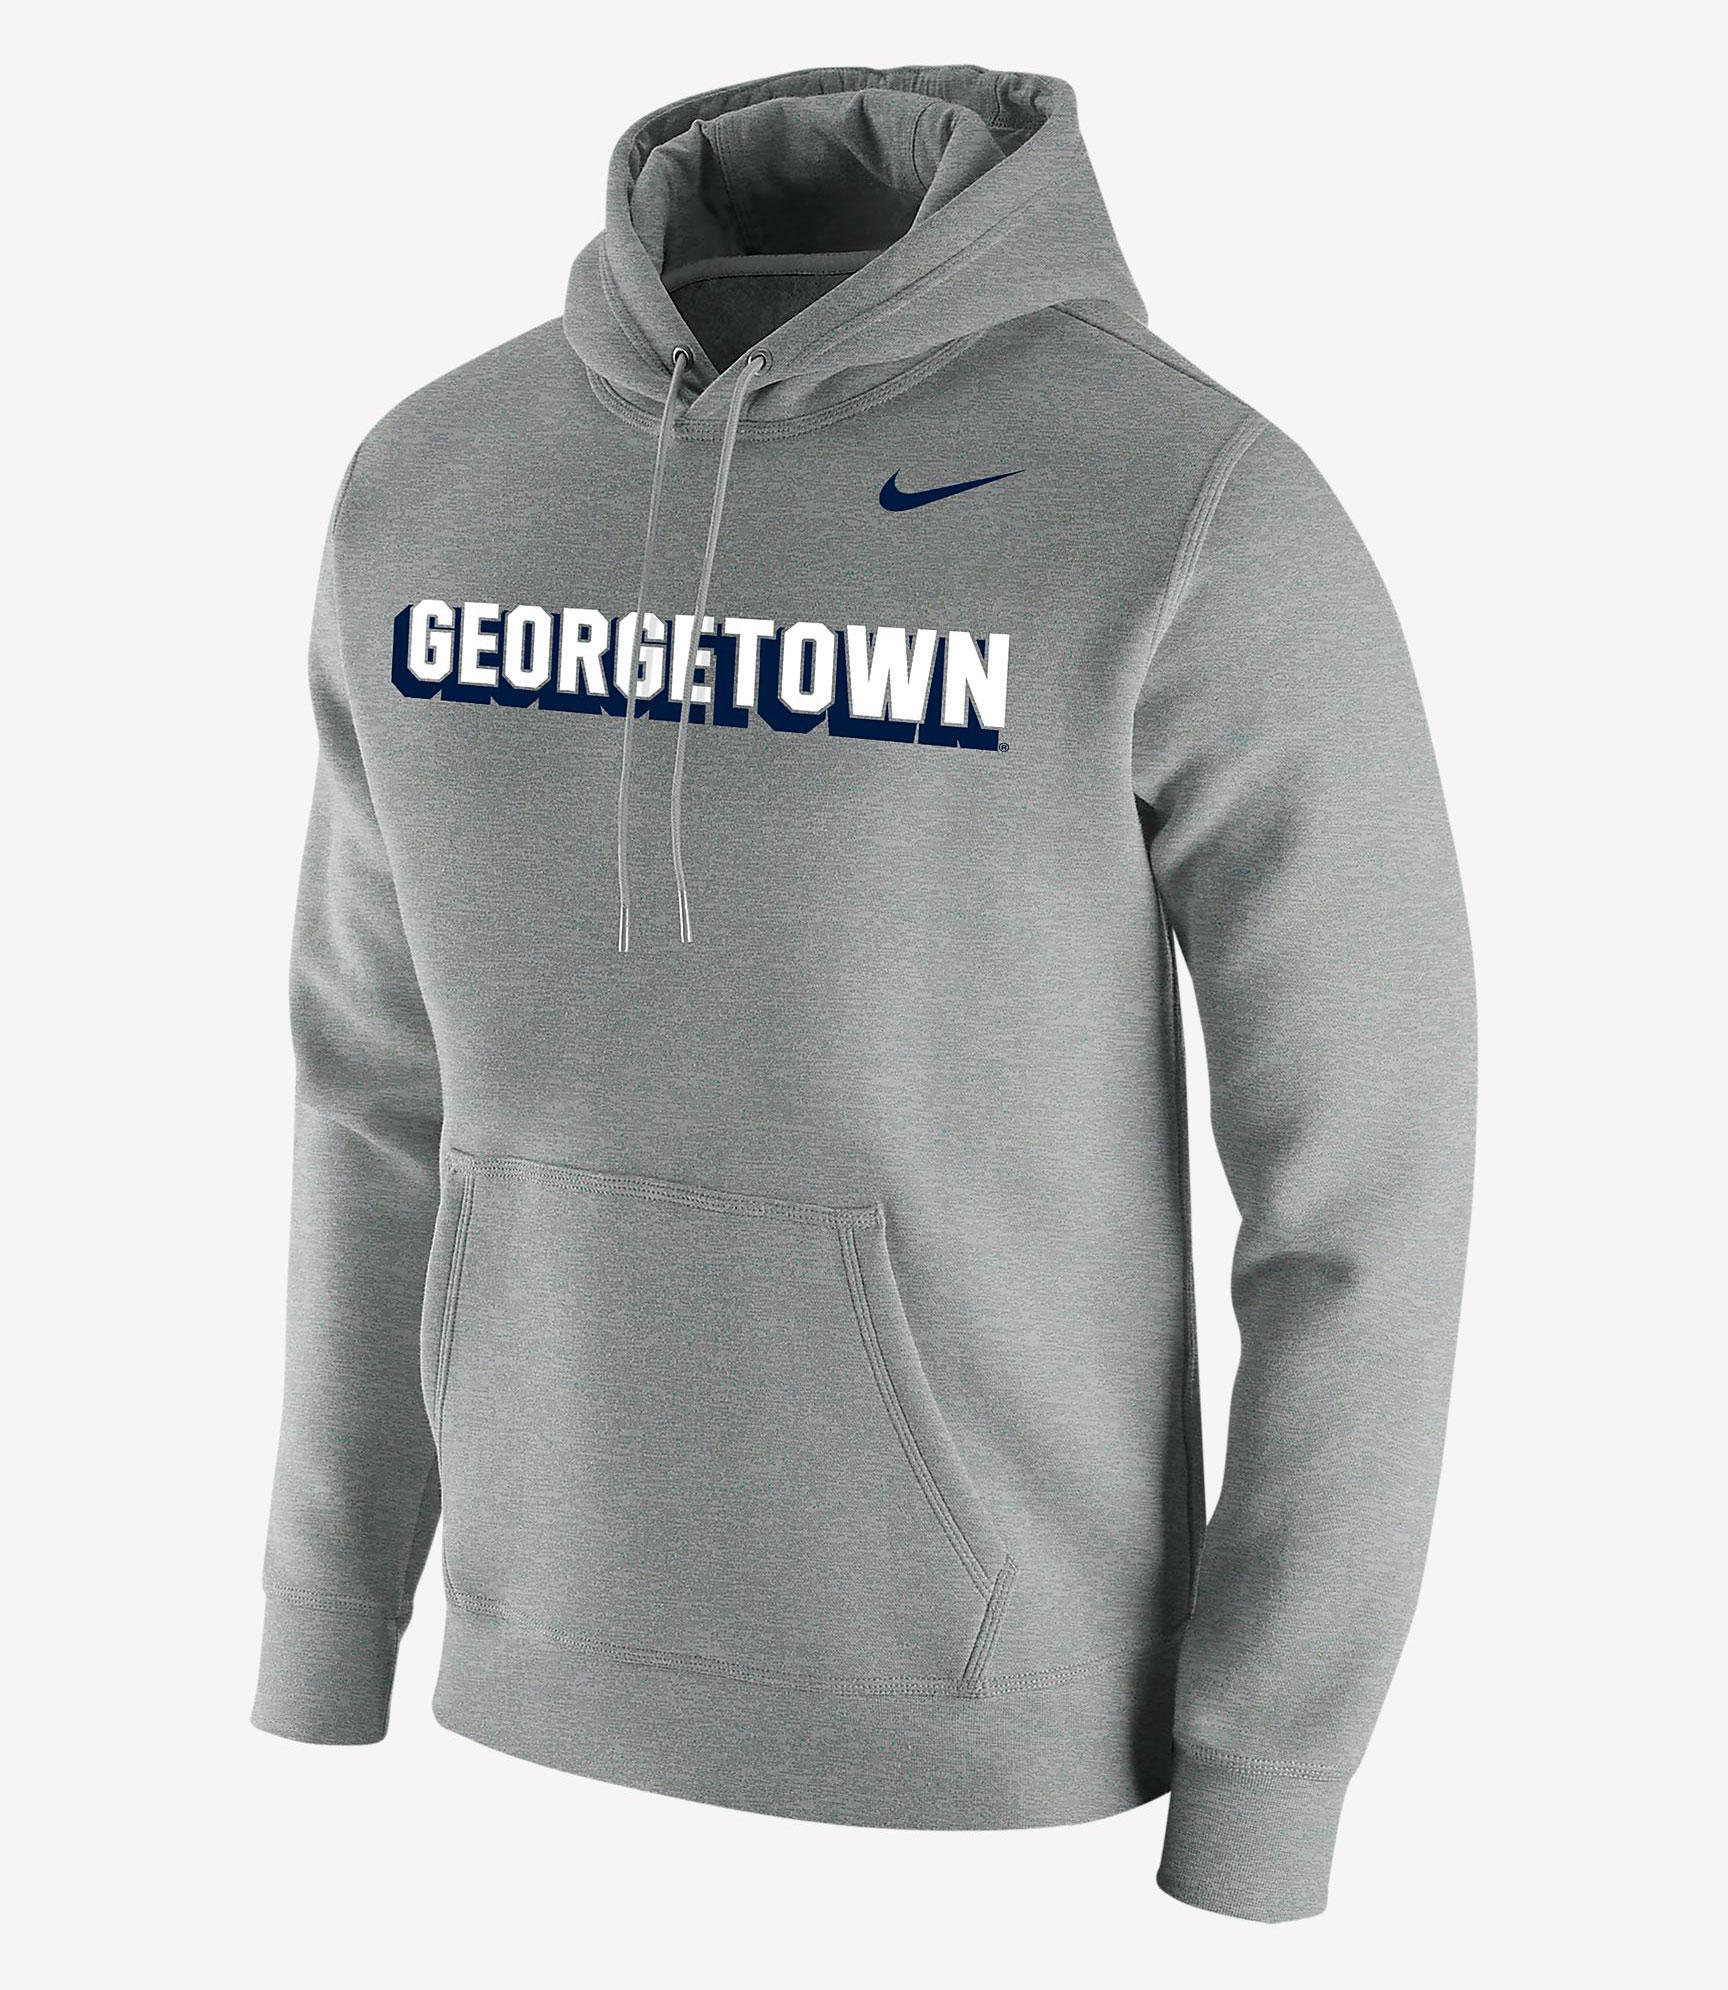 georgetown-hoyas-nike-club-fleece-hoodie